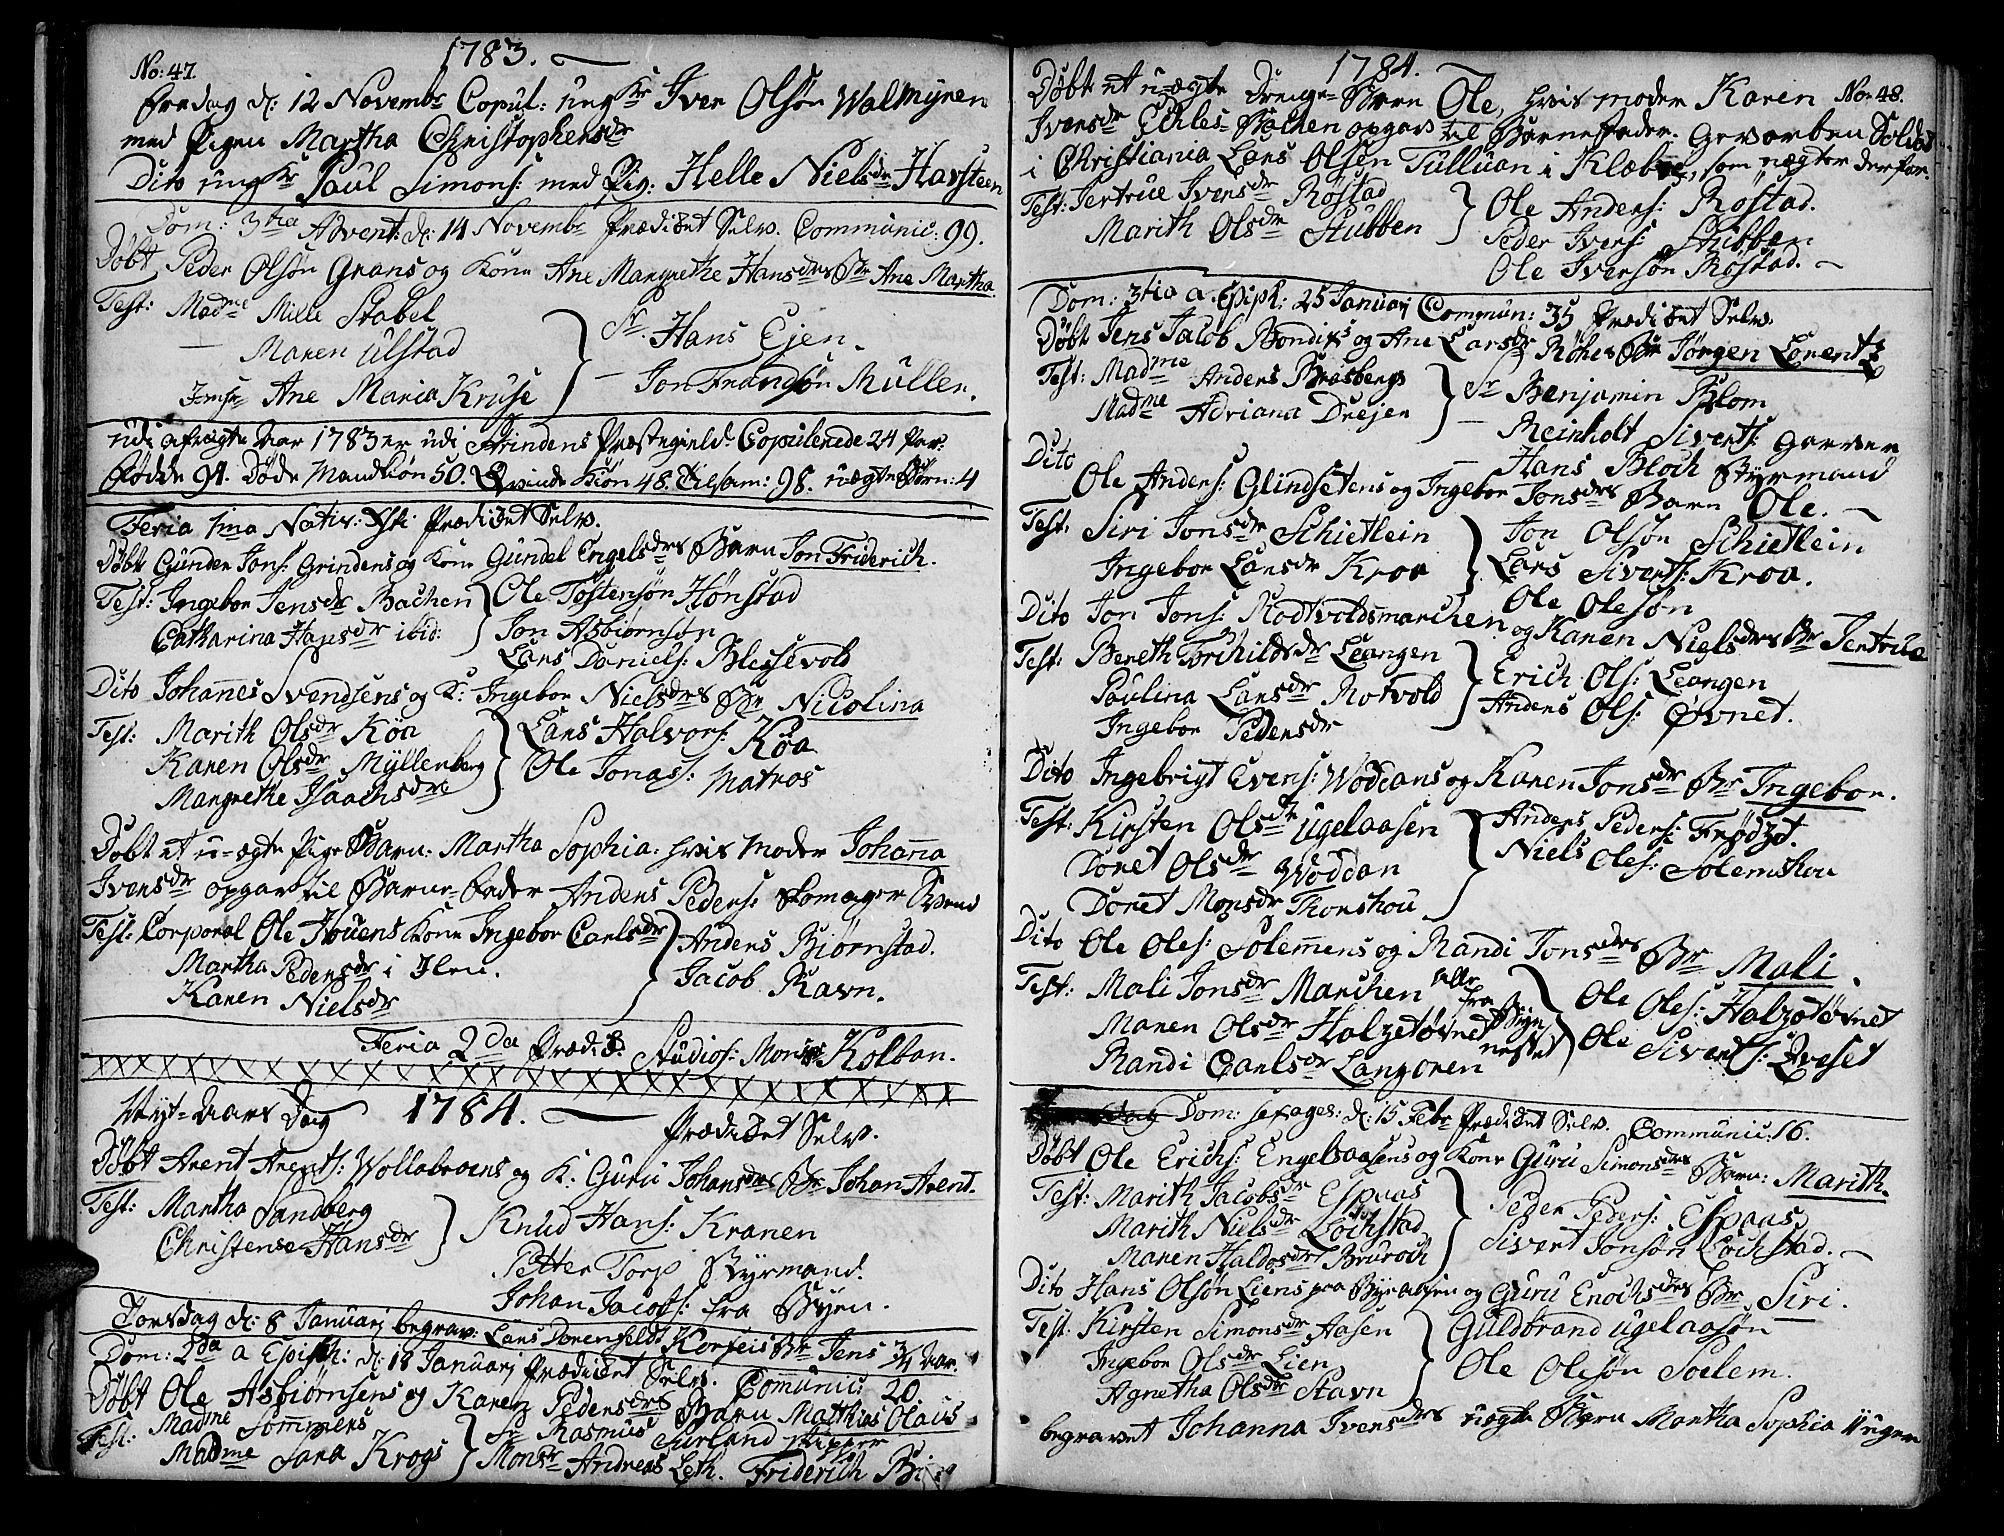 SAT, Ministerialprotokoller, klokkerbøker og fødselsregistre - Sør-Trøndelag, 604/L0180: Ministerialbok nr. 604A01, 1780-1797, s. 47-48